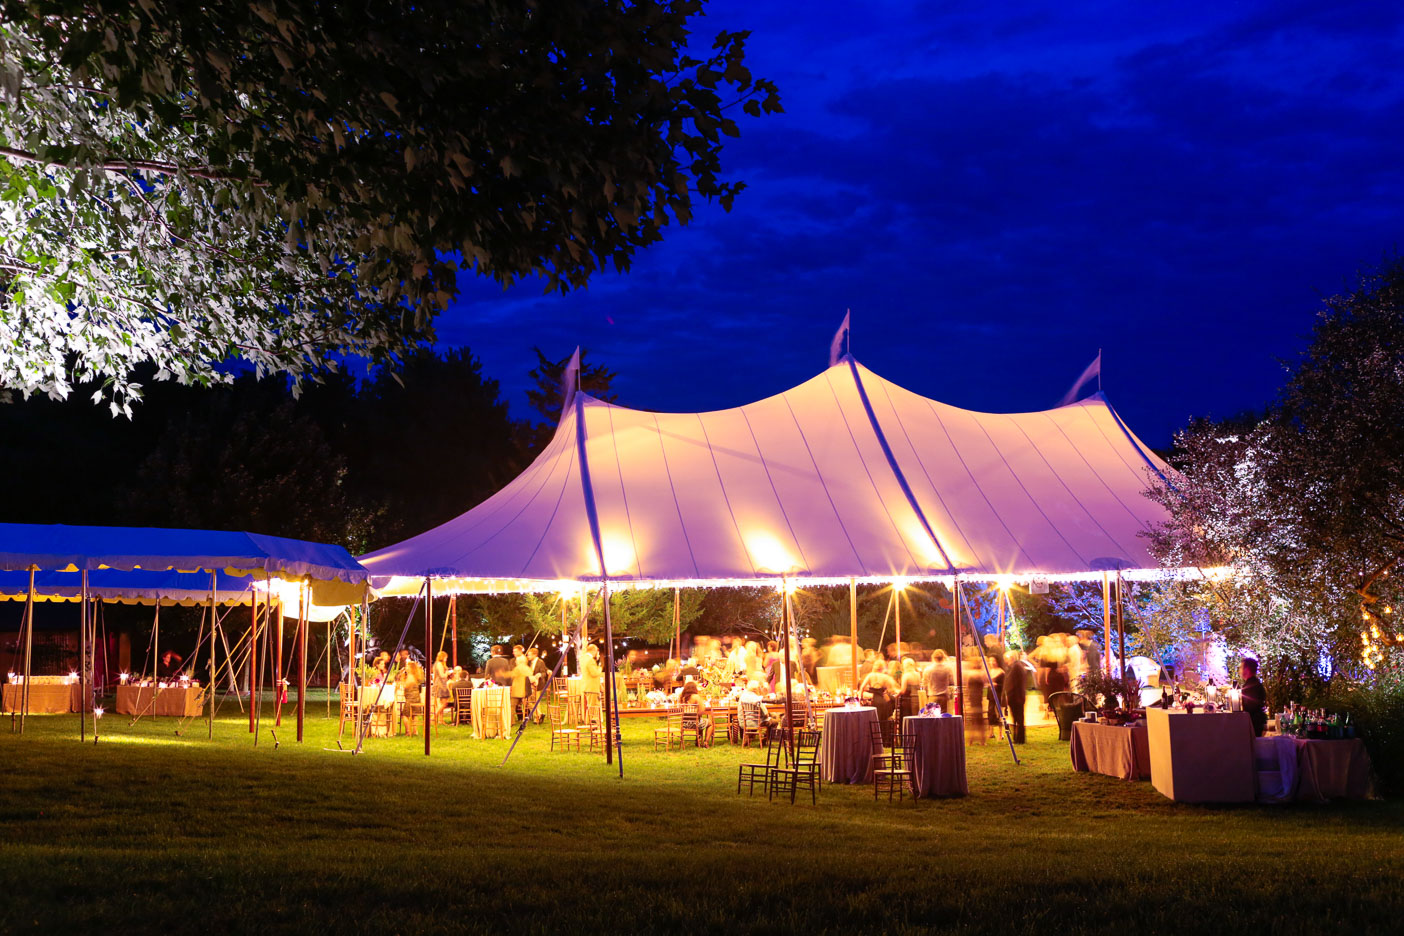 debra_halpert_wedding-2879.jpg